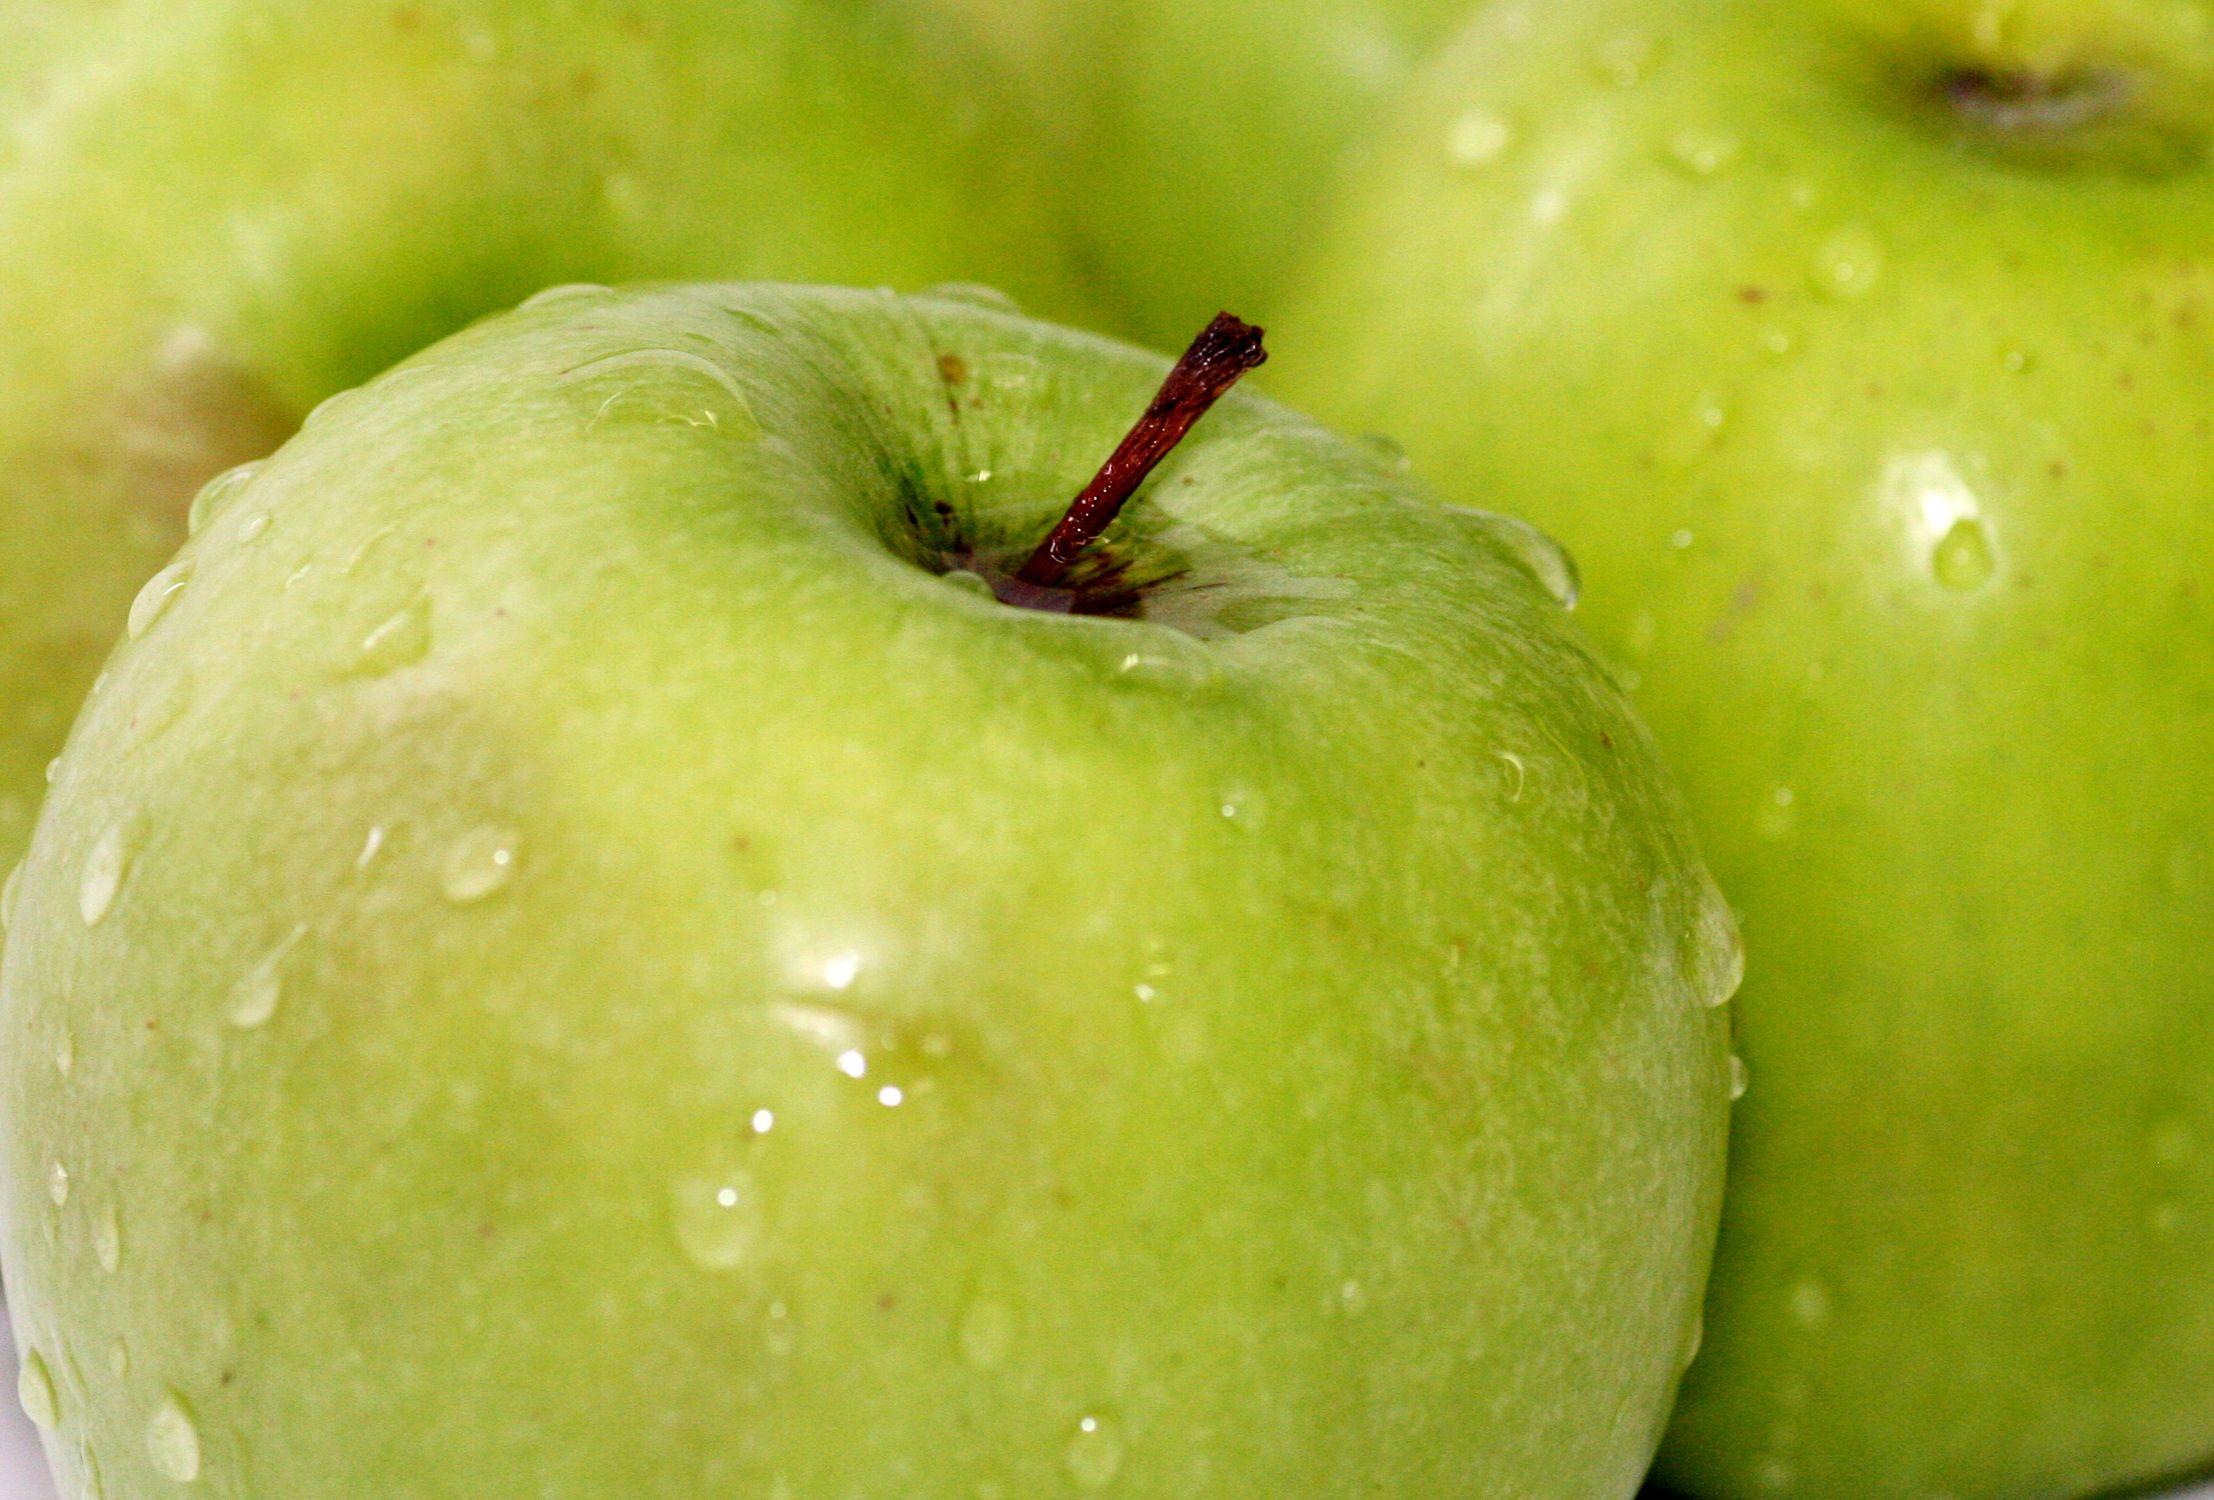 Bild mit Früchte, Lebensmittel, Essen, Frucht, grüner Apfel, grüne Äpfel, Obst, Küchenbild, Apfel, Apfel, KITCHEN